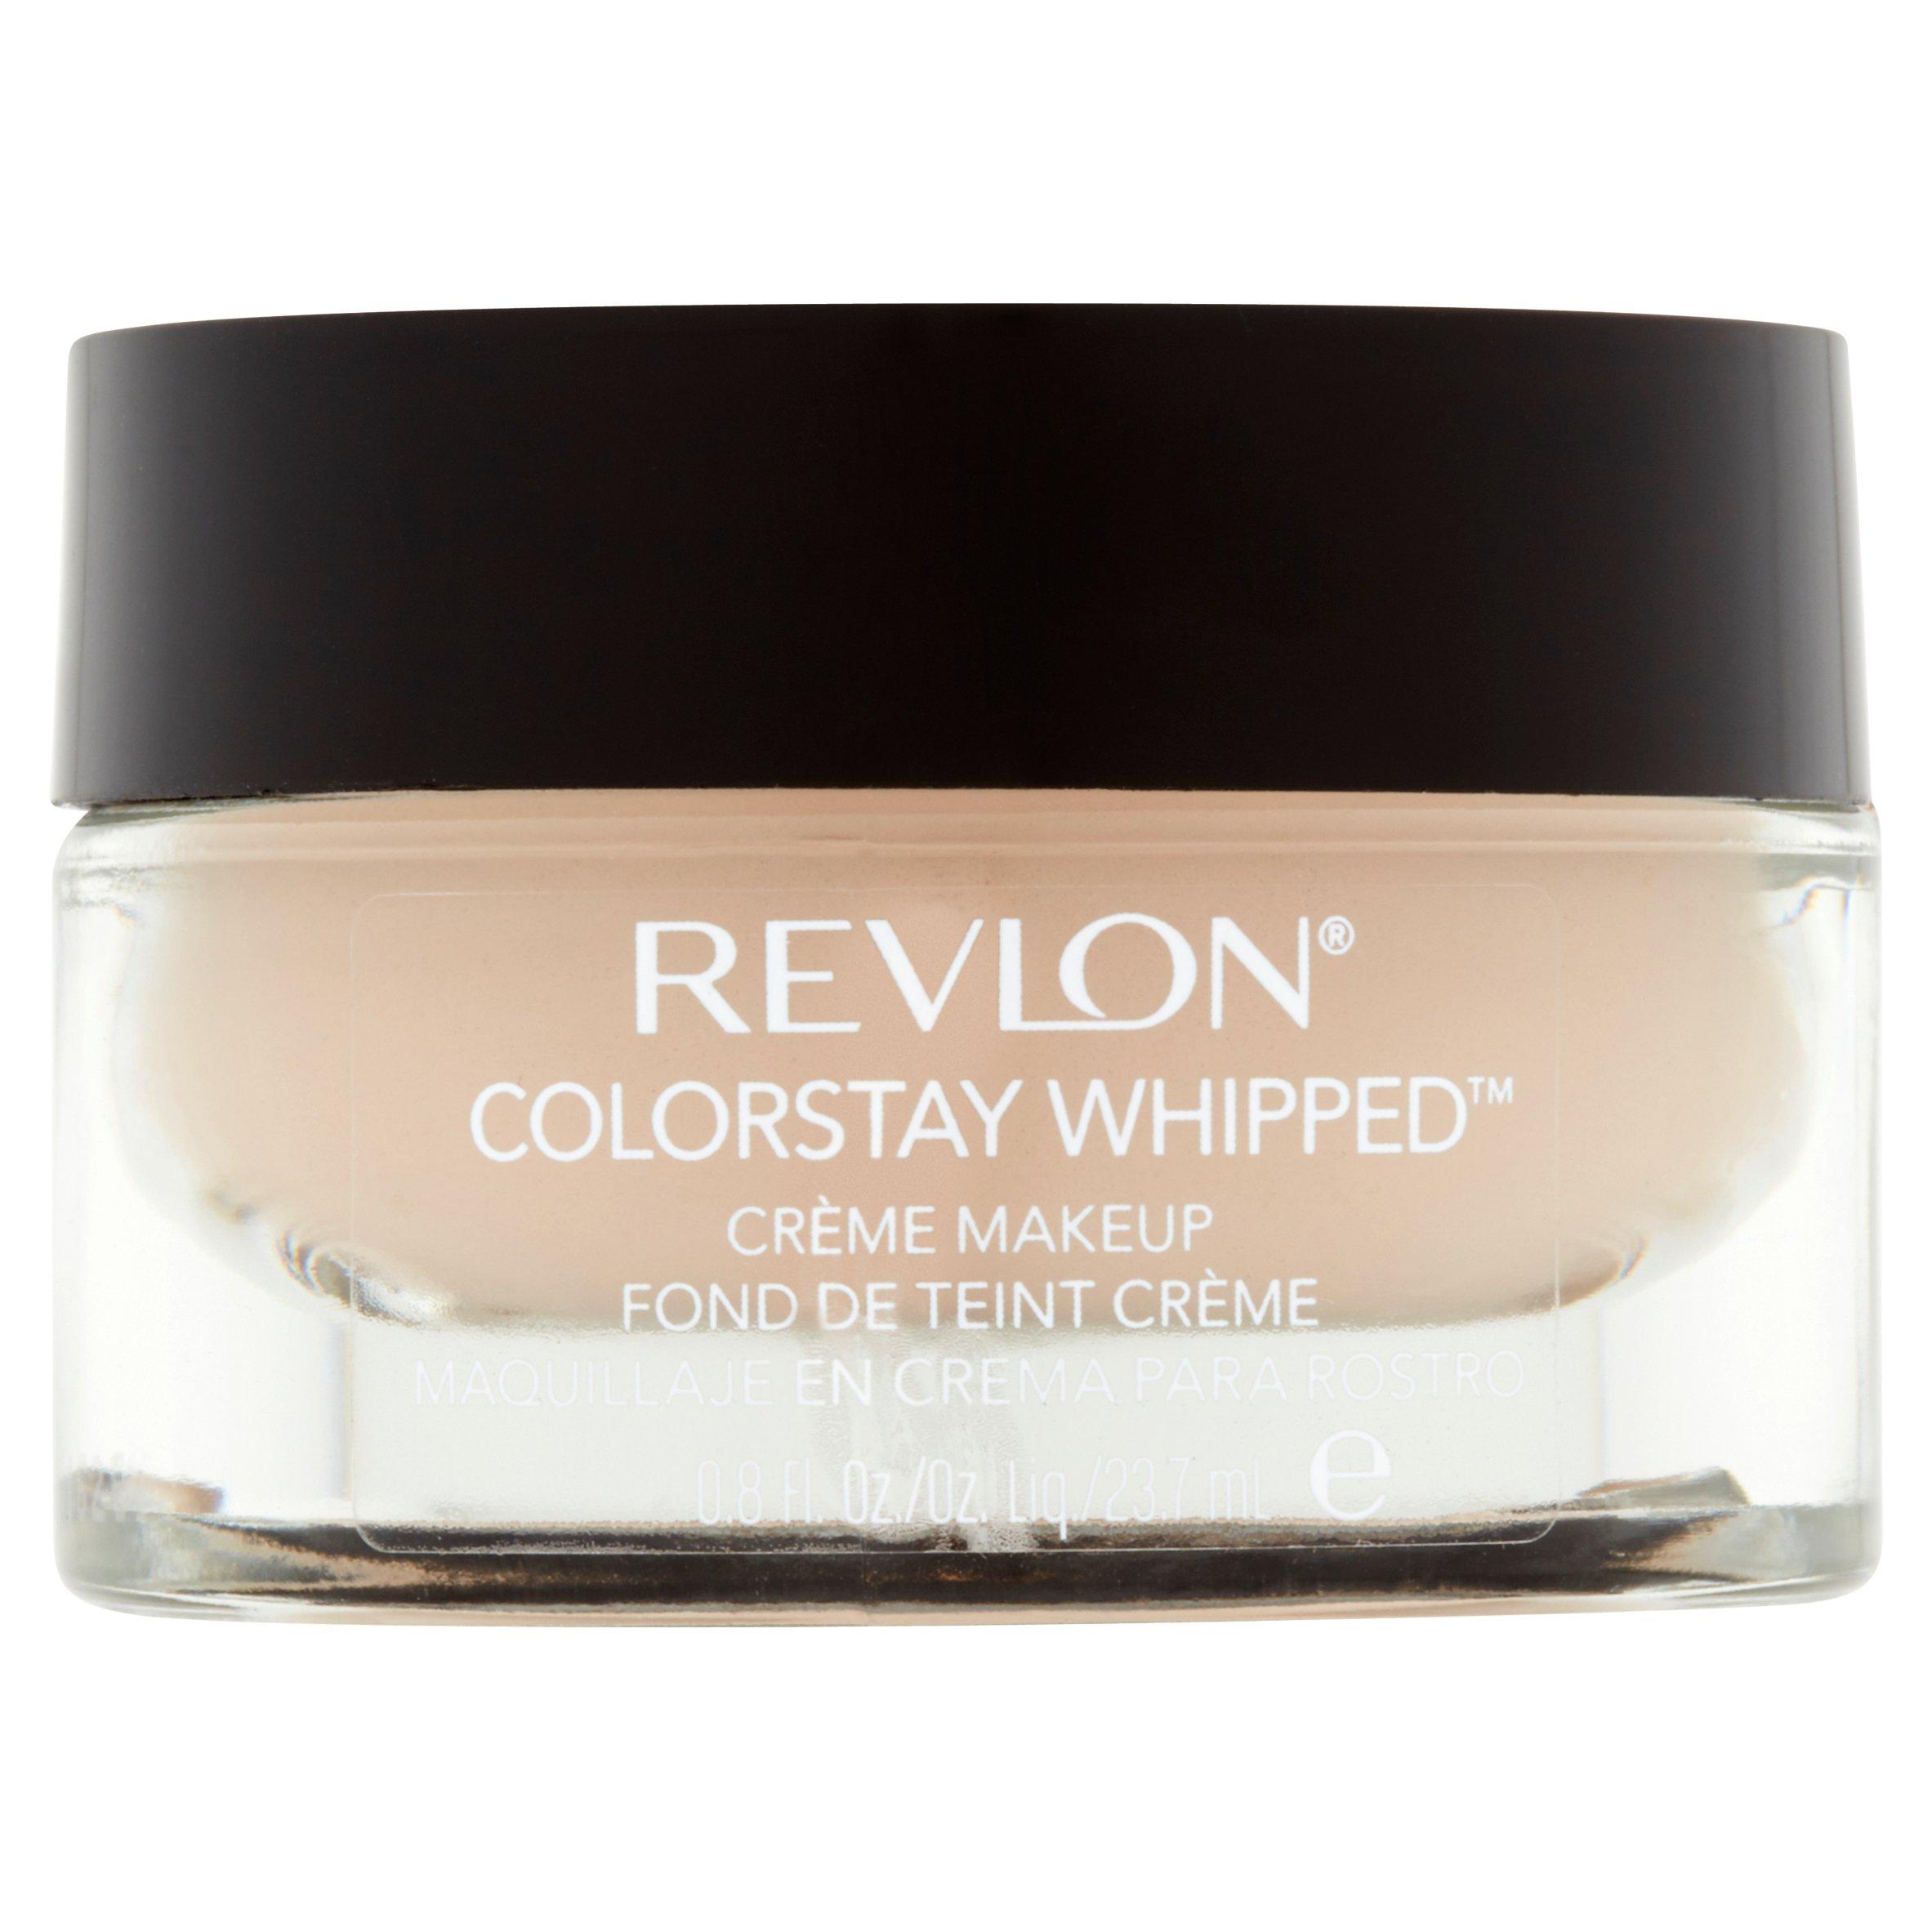 Revlon Colorstay Whipped 220 Nude Crème Makeup, 0.8 fl oz